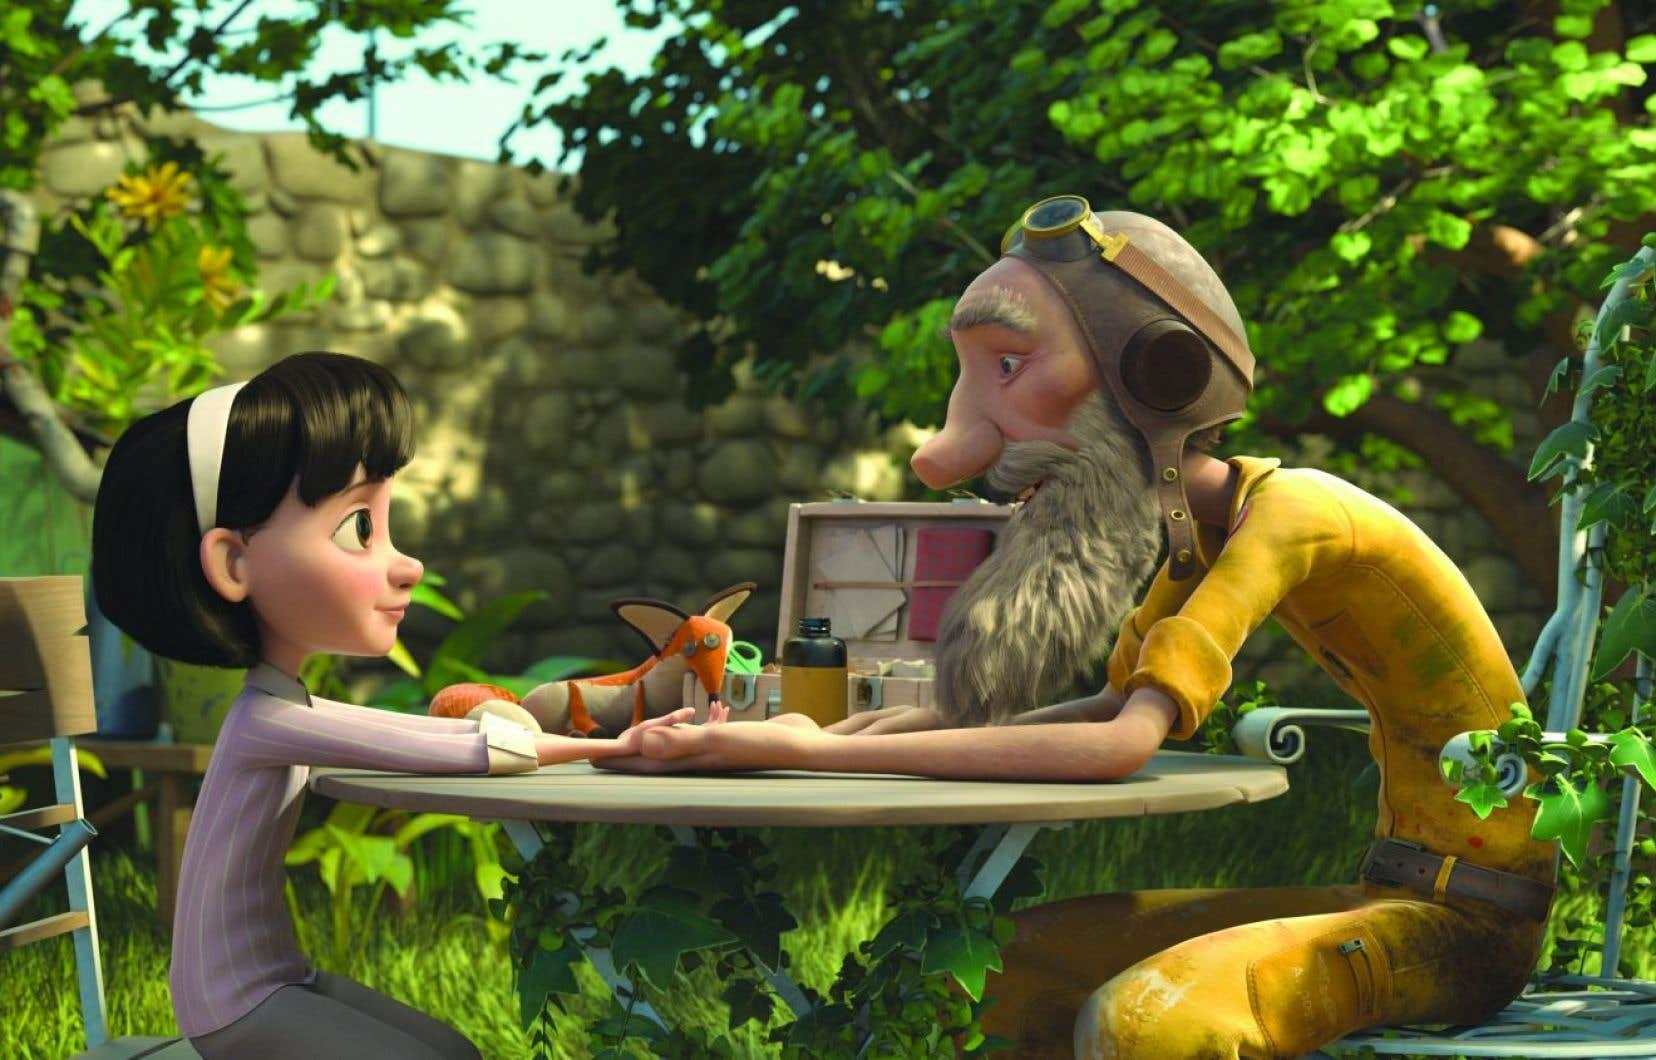 Mikros Image Canada, présent en France, en Belgique et au Luxembourg, a été en partie entraîné au Québec en 2011 par les crédits d'impôt. L'entreprise vient de participer à l'adaptation du «Petit Prince» au cinéma.